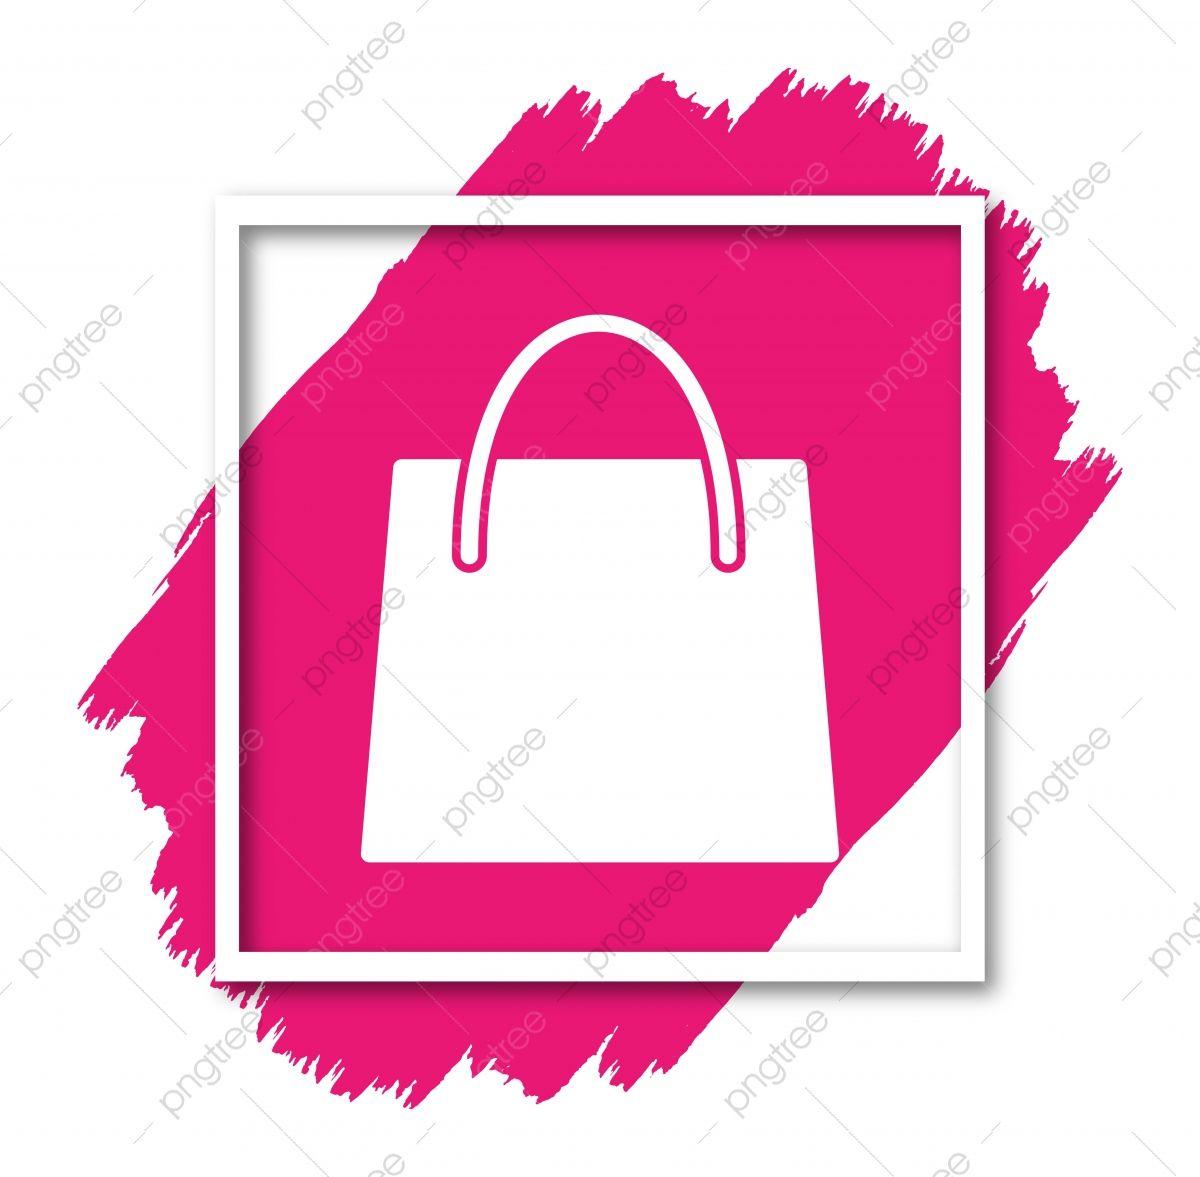 Icono De Bolsa De Compras Para Sus Proyectos Y Sitios Web De Diseno Shopping Icons Bolsa Iconos Bolso Png Y Vector Para Descargar Gratis Pngtree In 2021 Website Design Logo